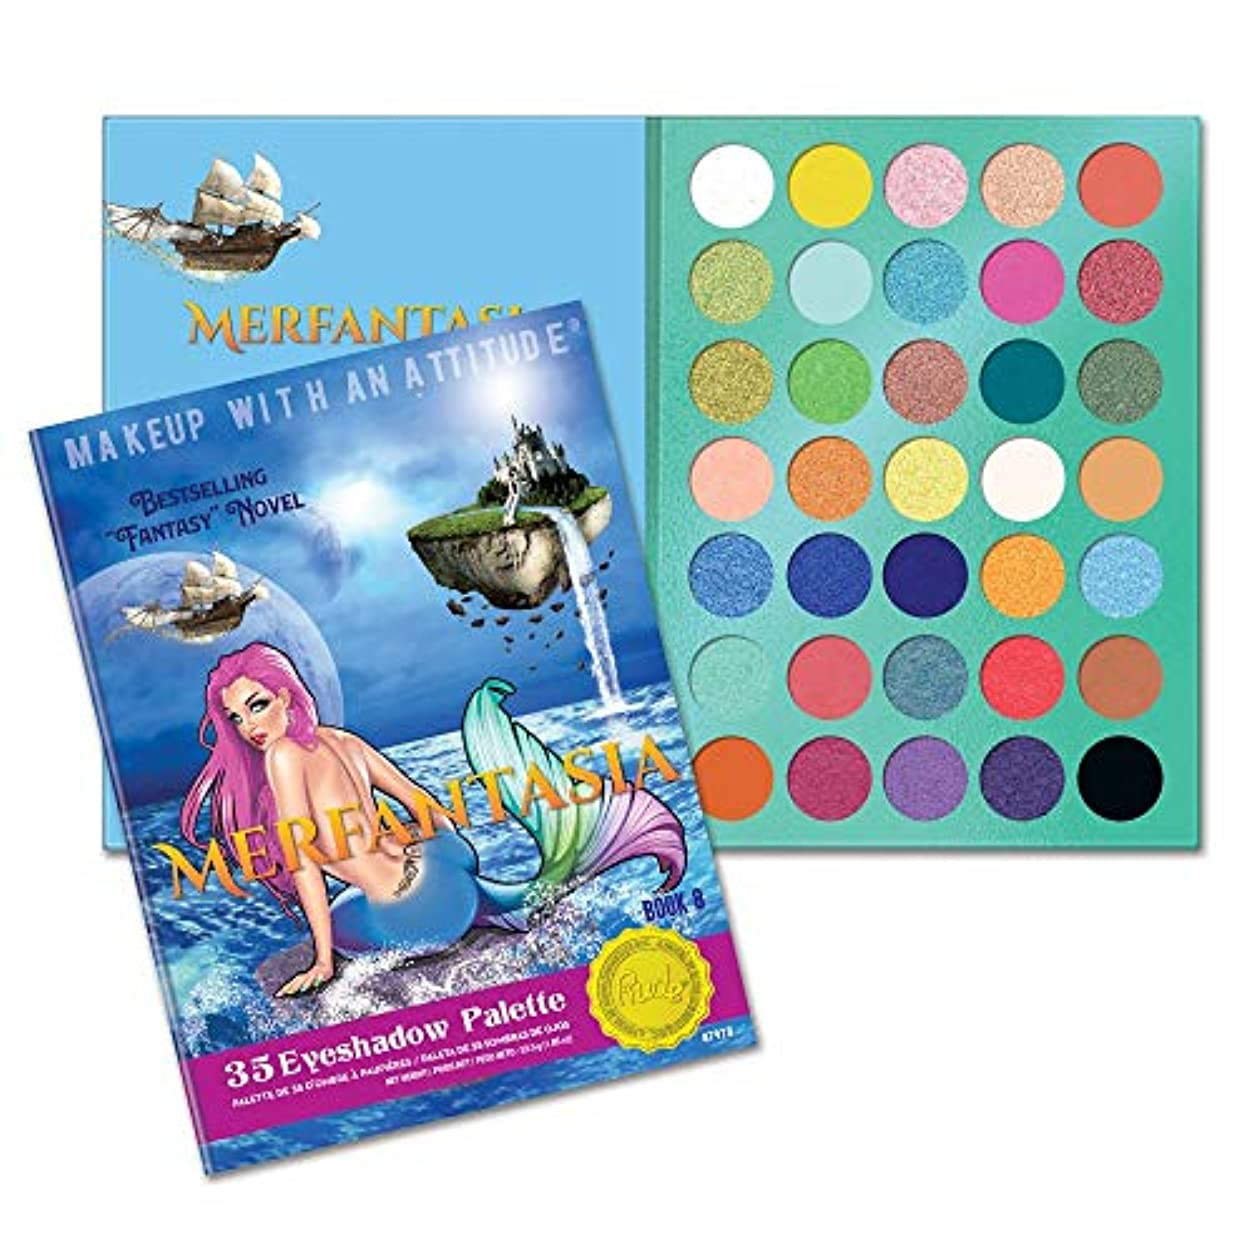 ティッシュ札入れ盲目RUDE? Merfantasia 35 Eyeshadow Palette - Book 8 (並行輸入品)